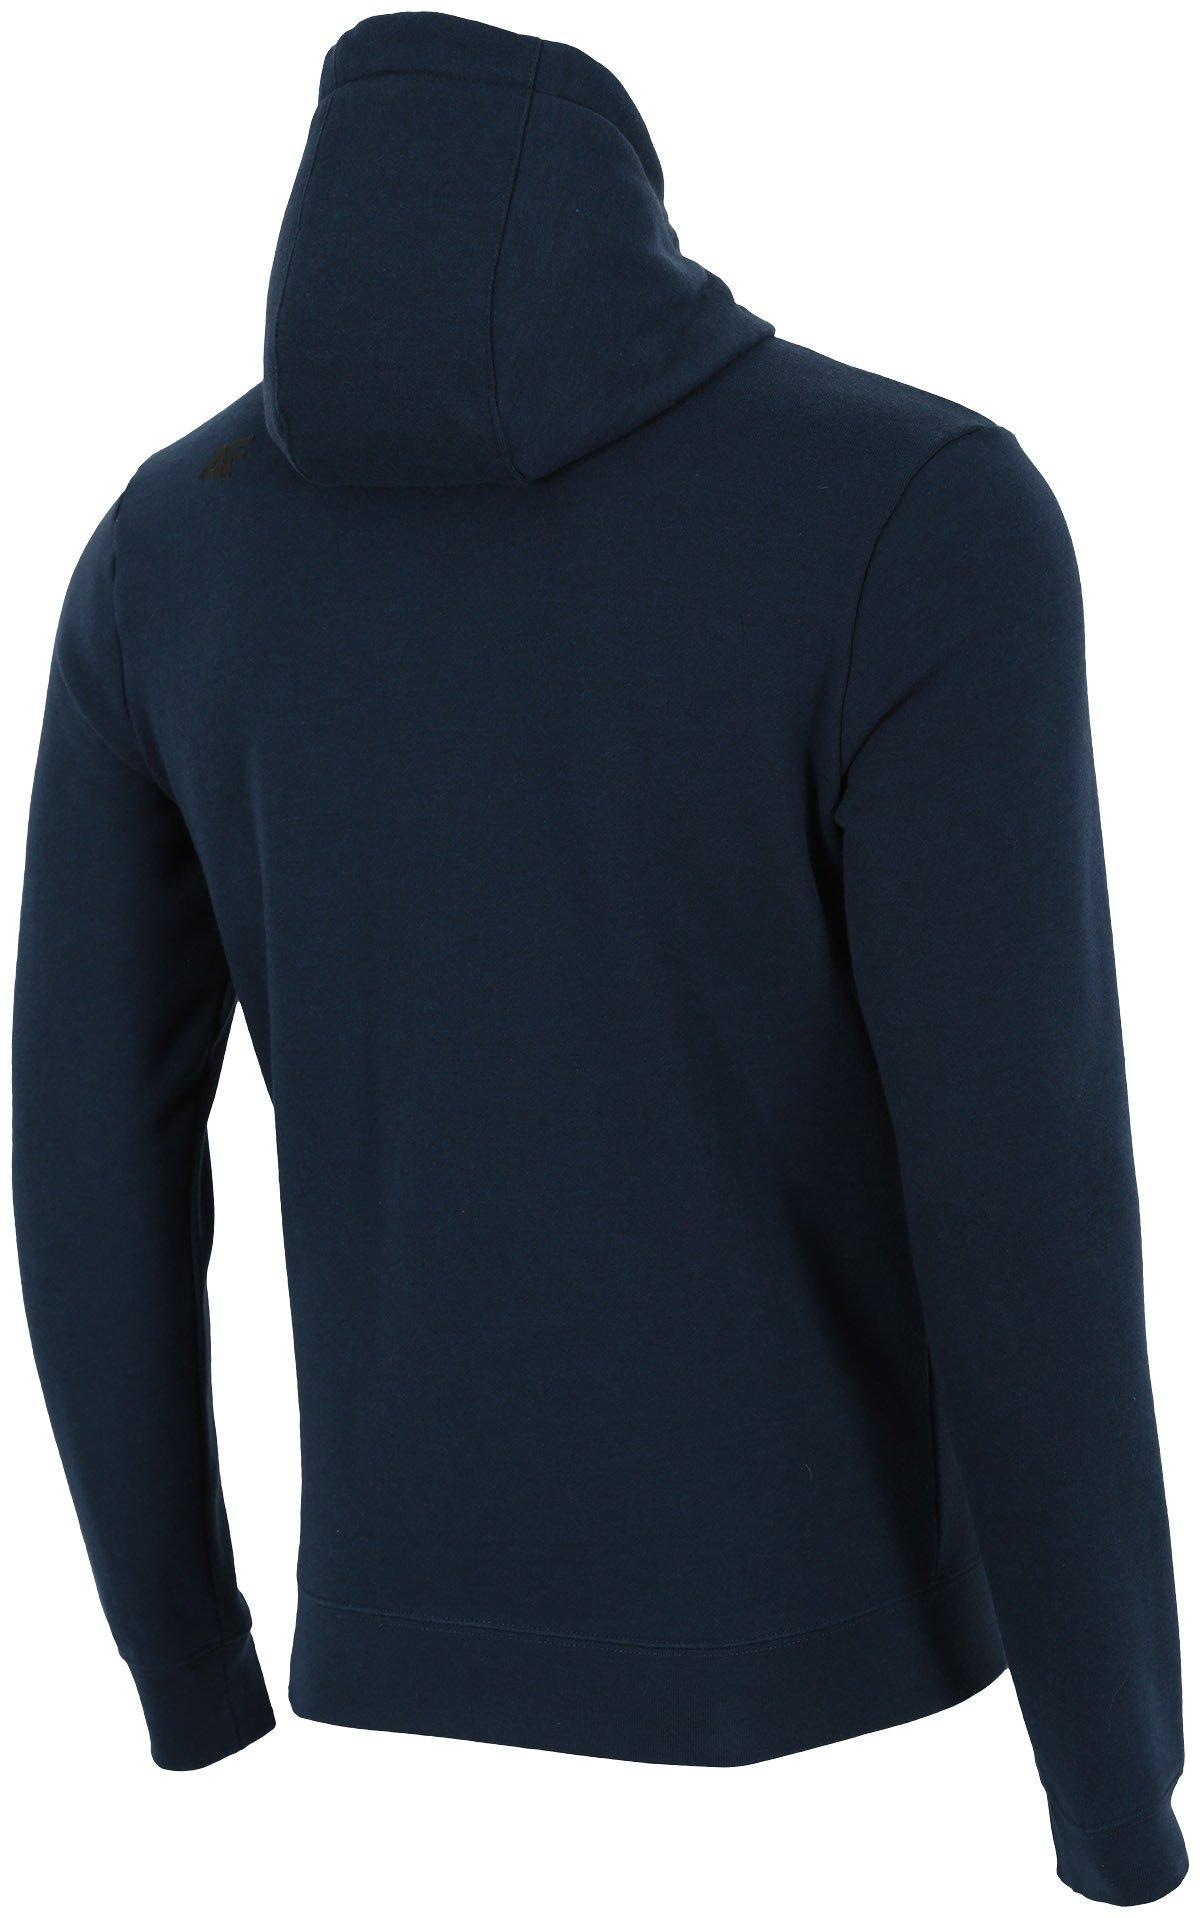 Bluza męska BLM300 denim melanż